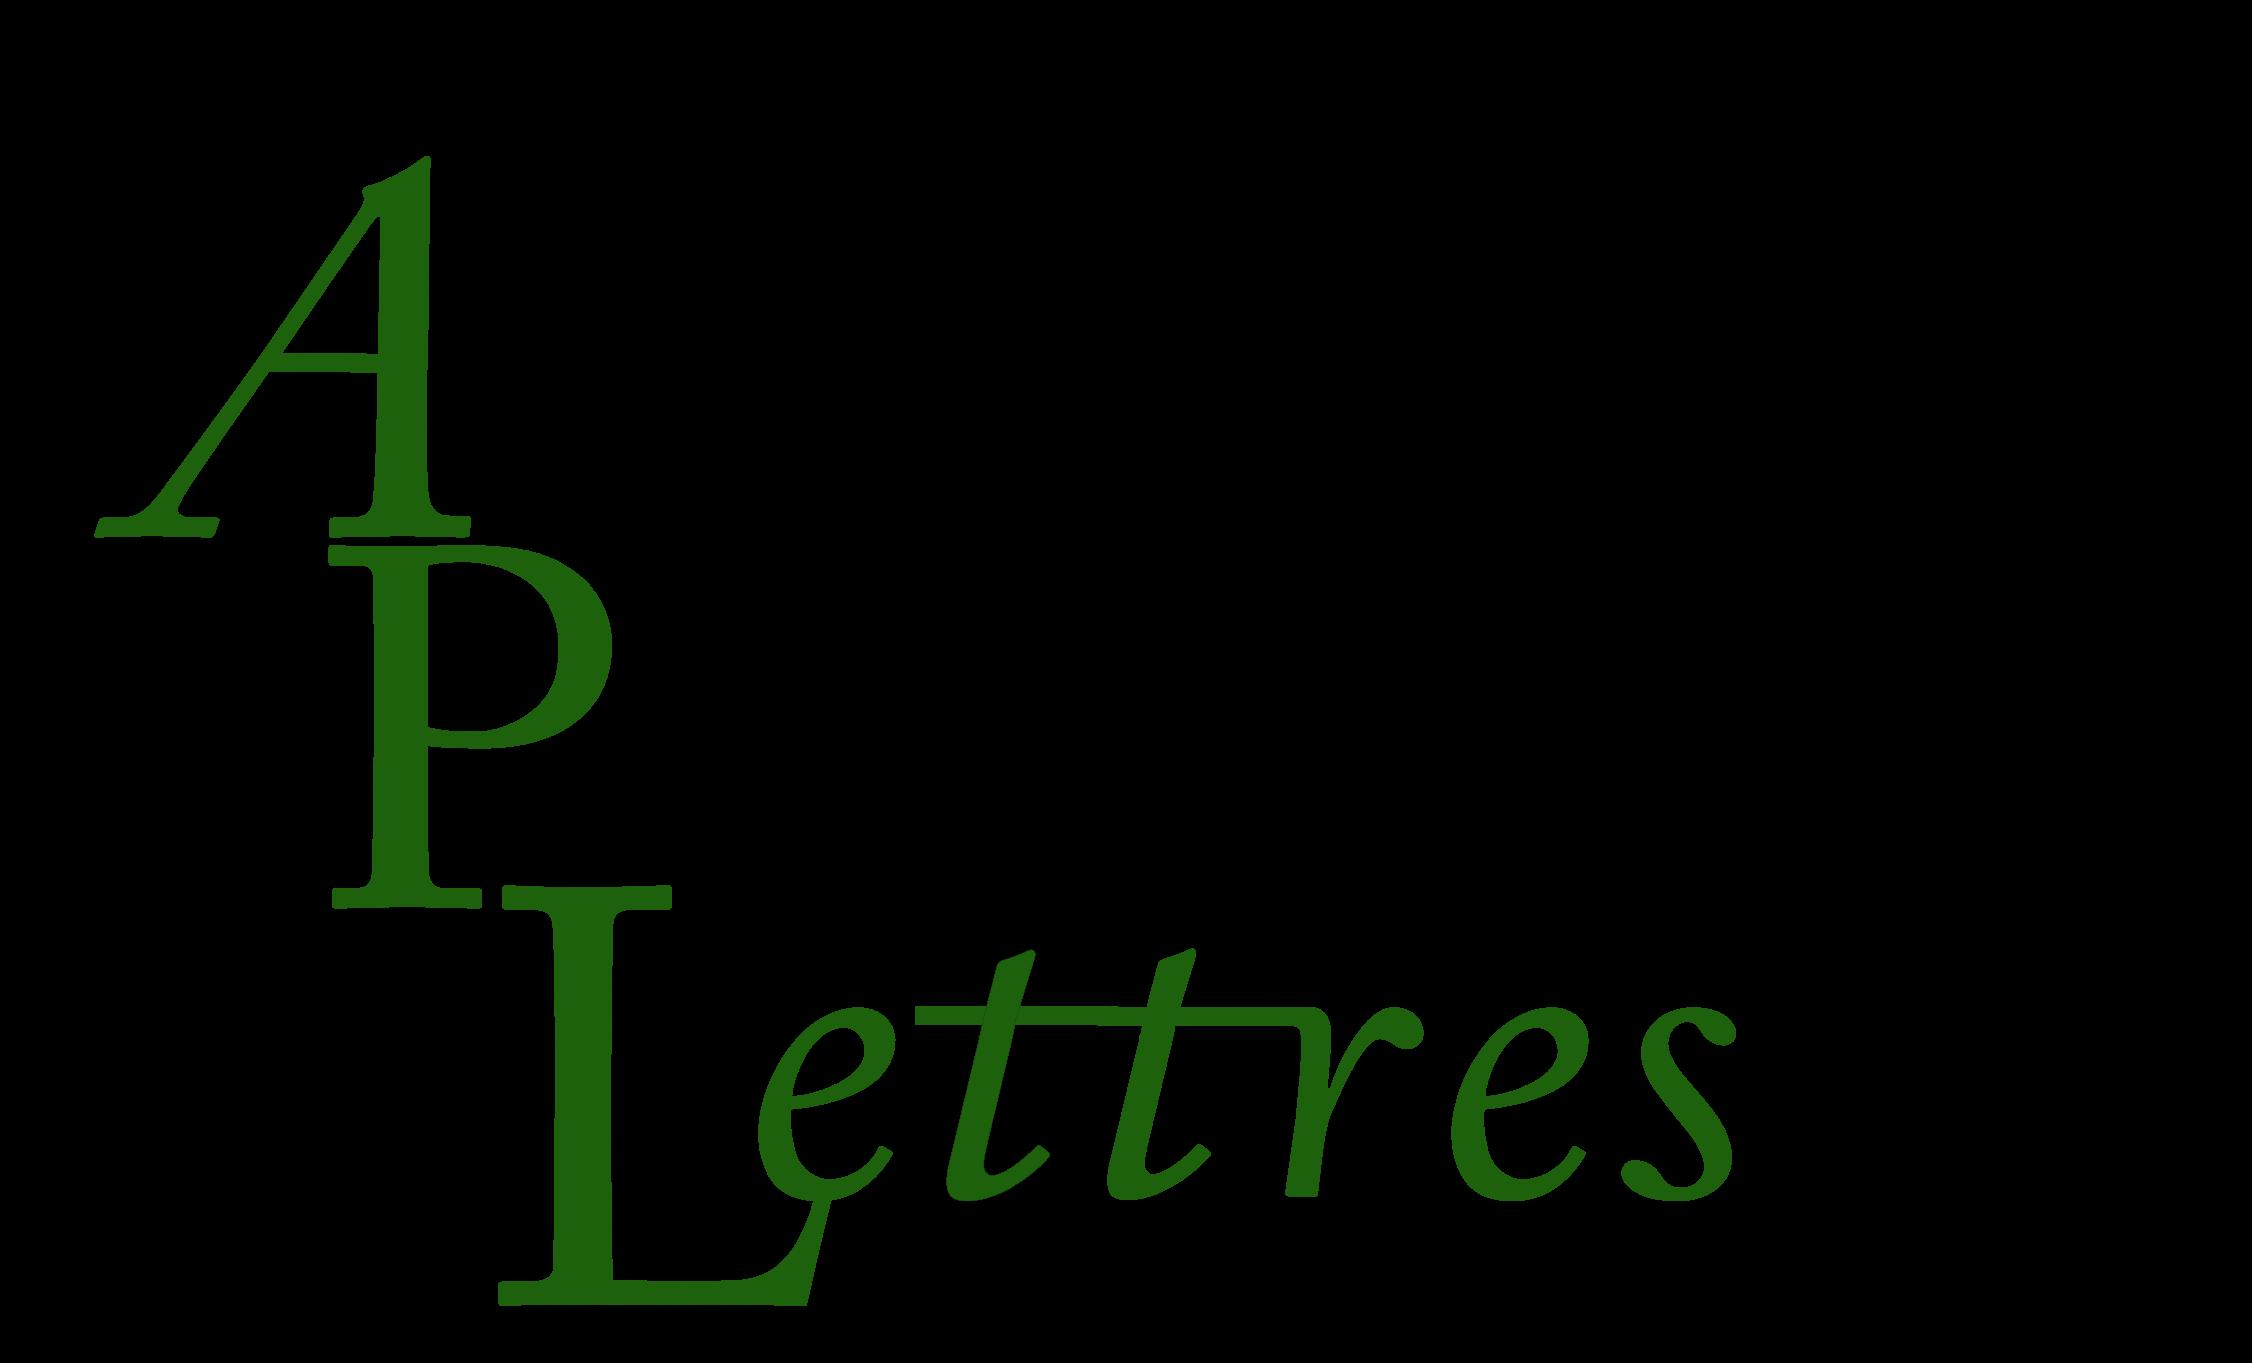 http://www.aplettres.org/img/logo2.png